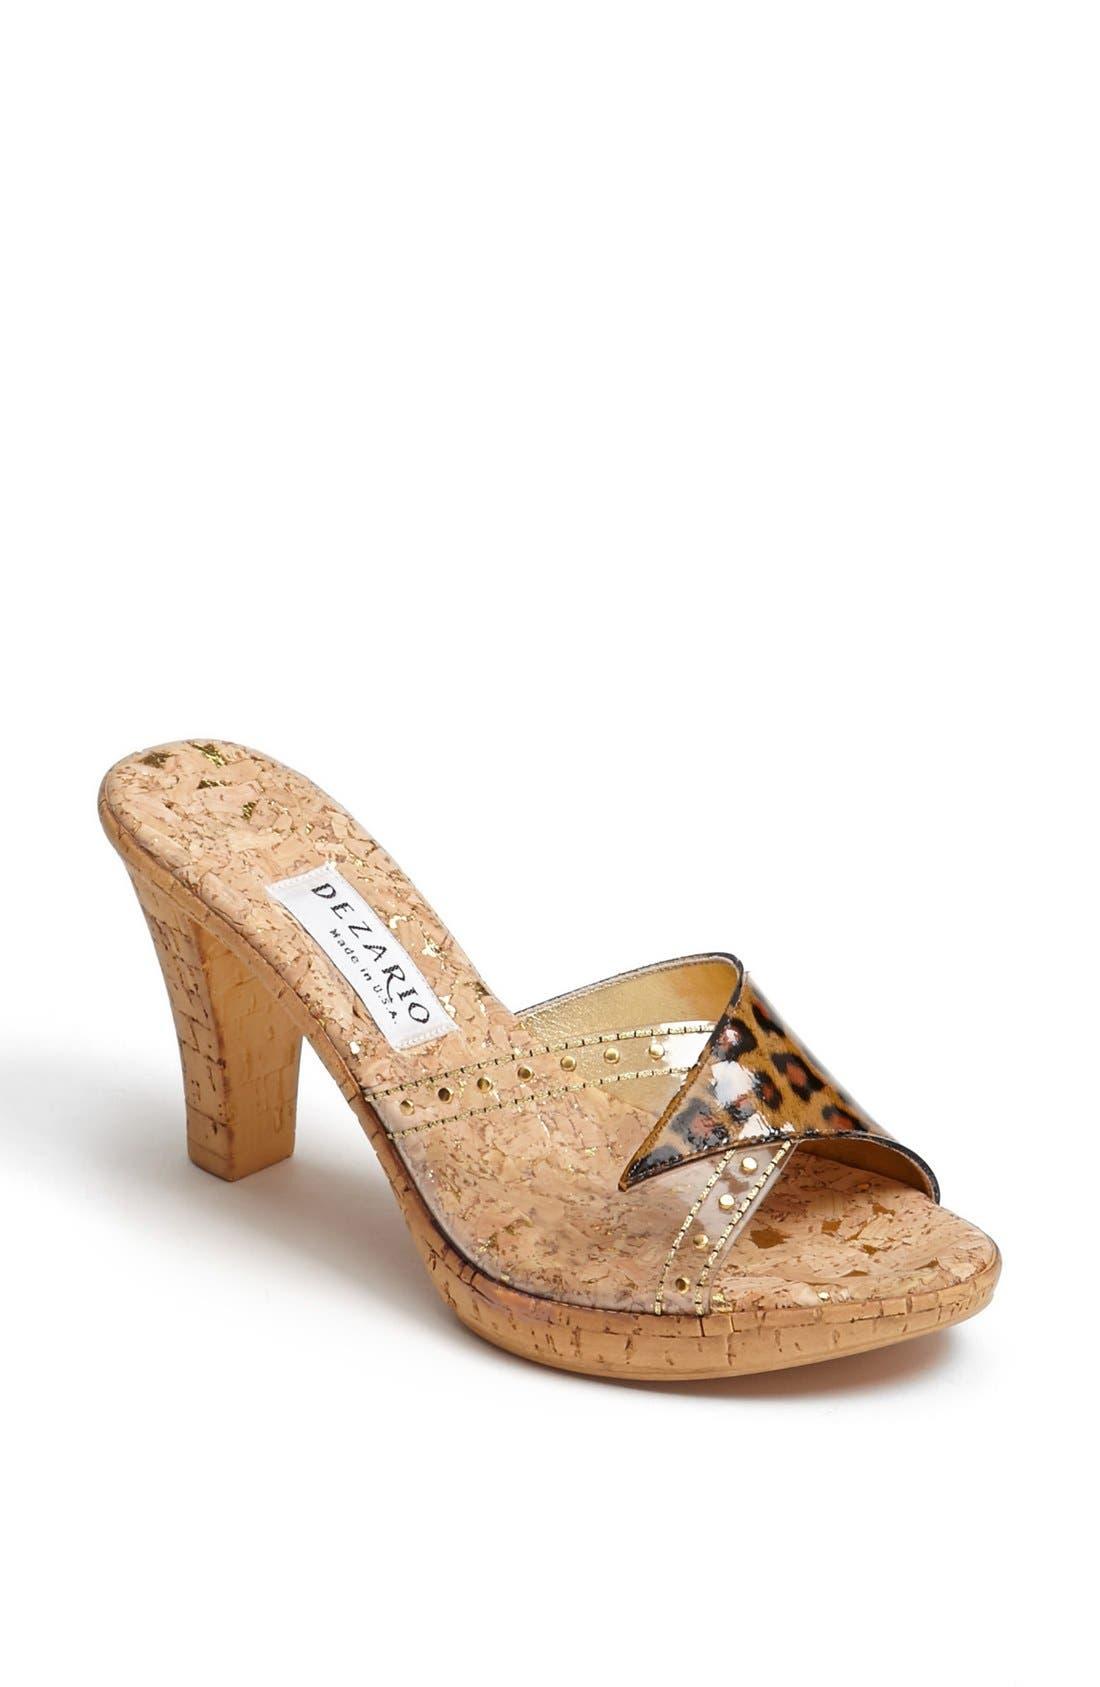 Alternate Image 1 Selected - Dezario 'Laguna' Sandal